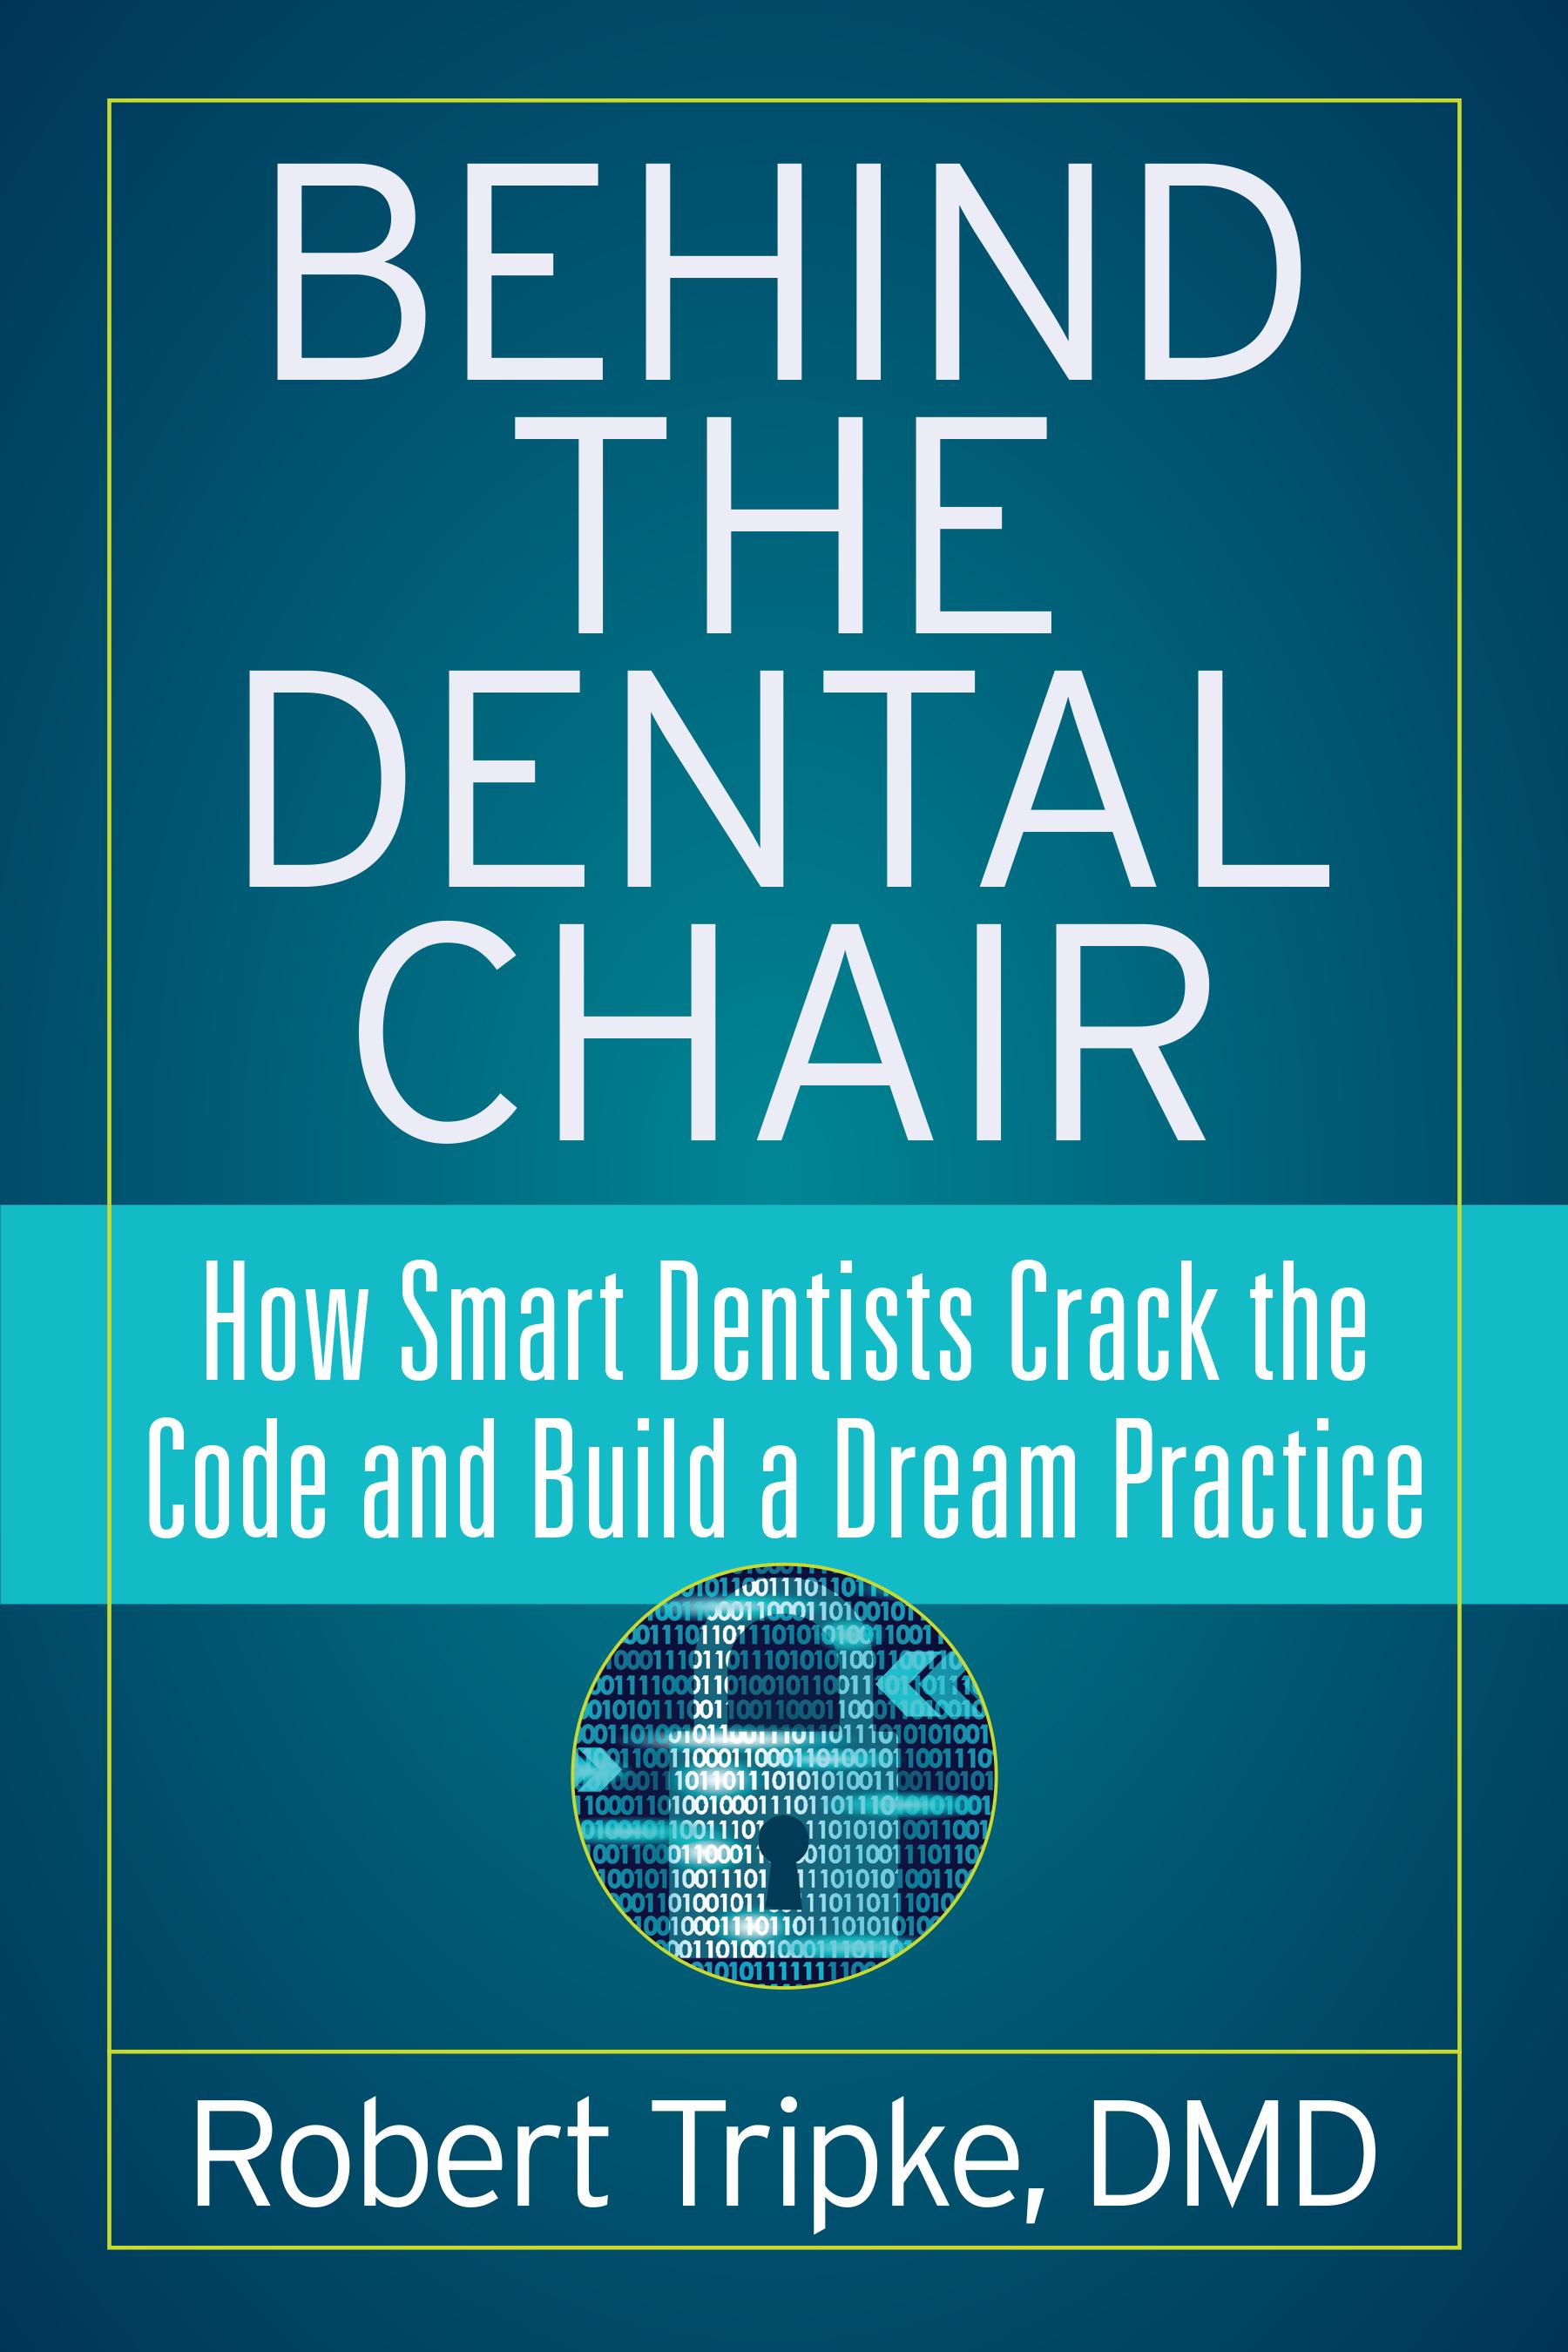 Behind the Dental Chair